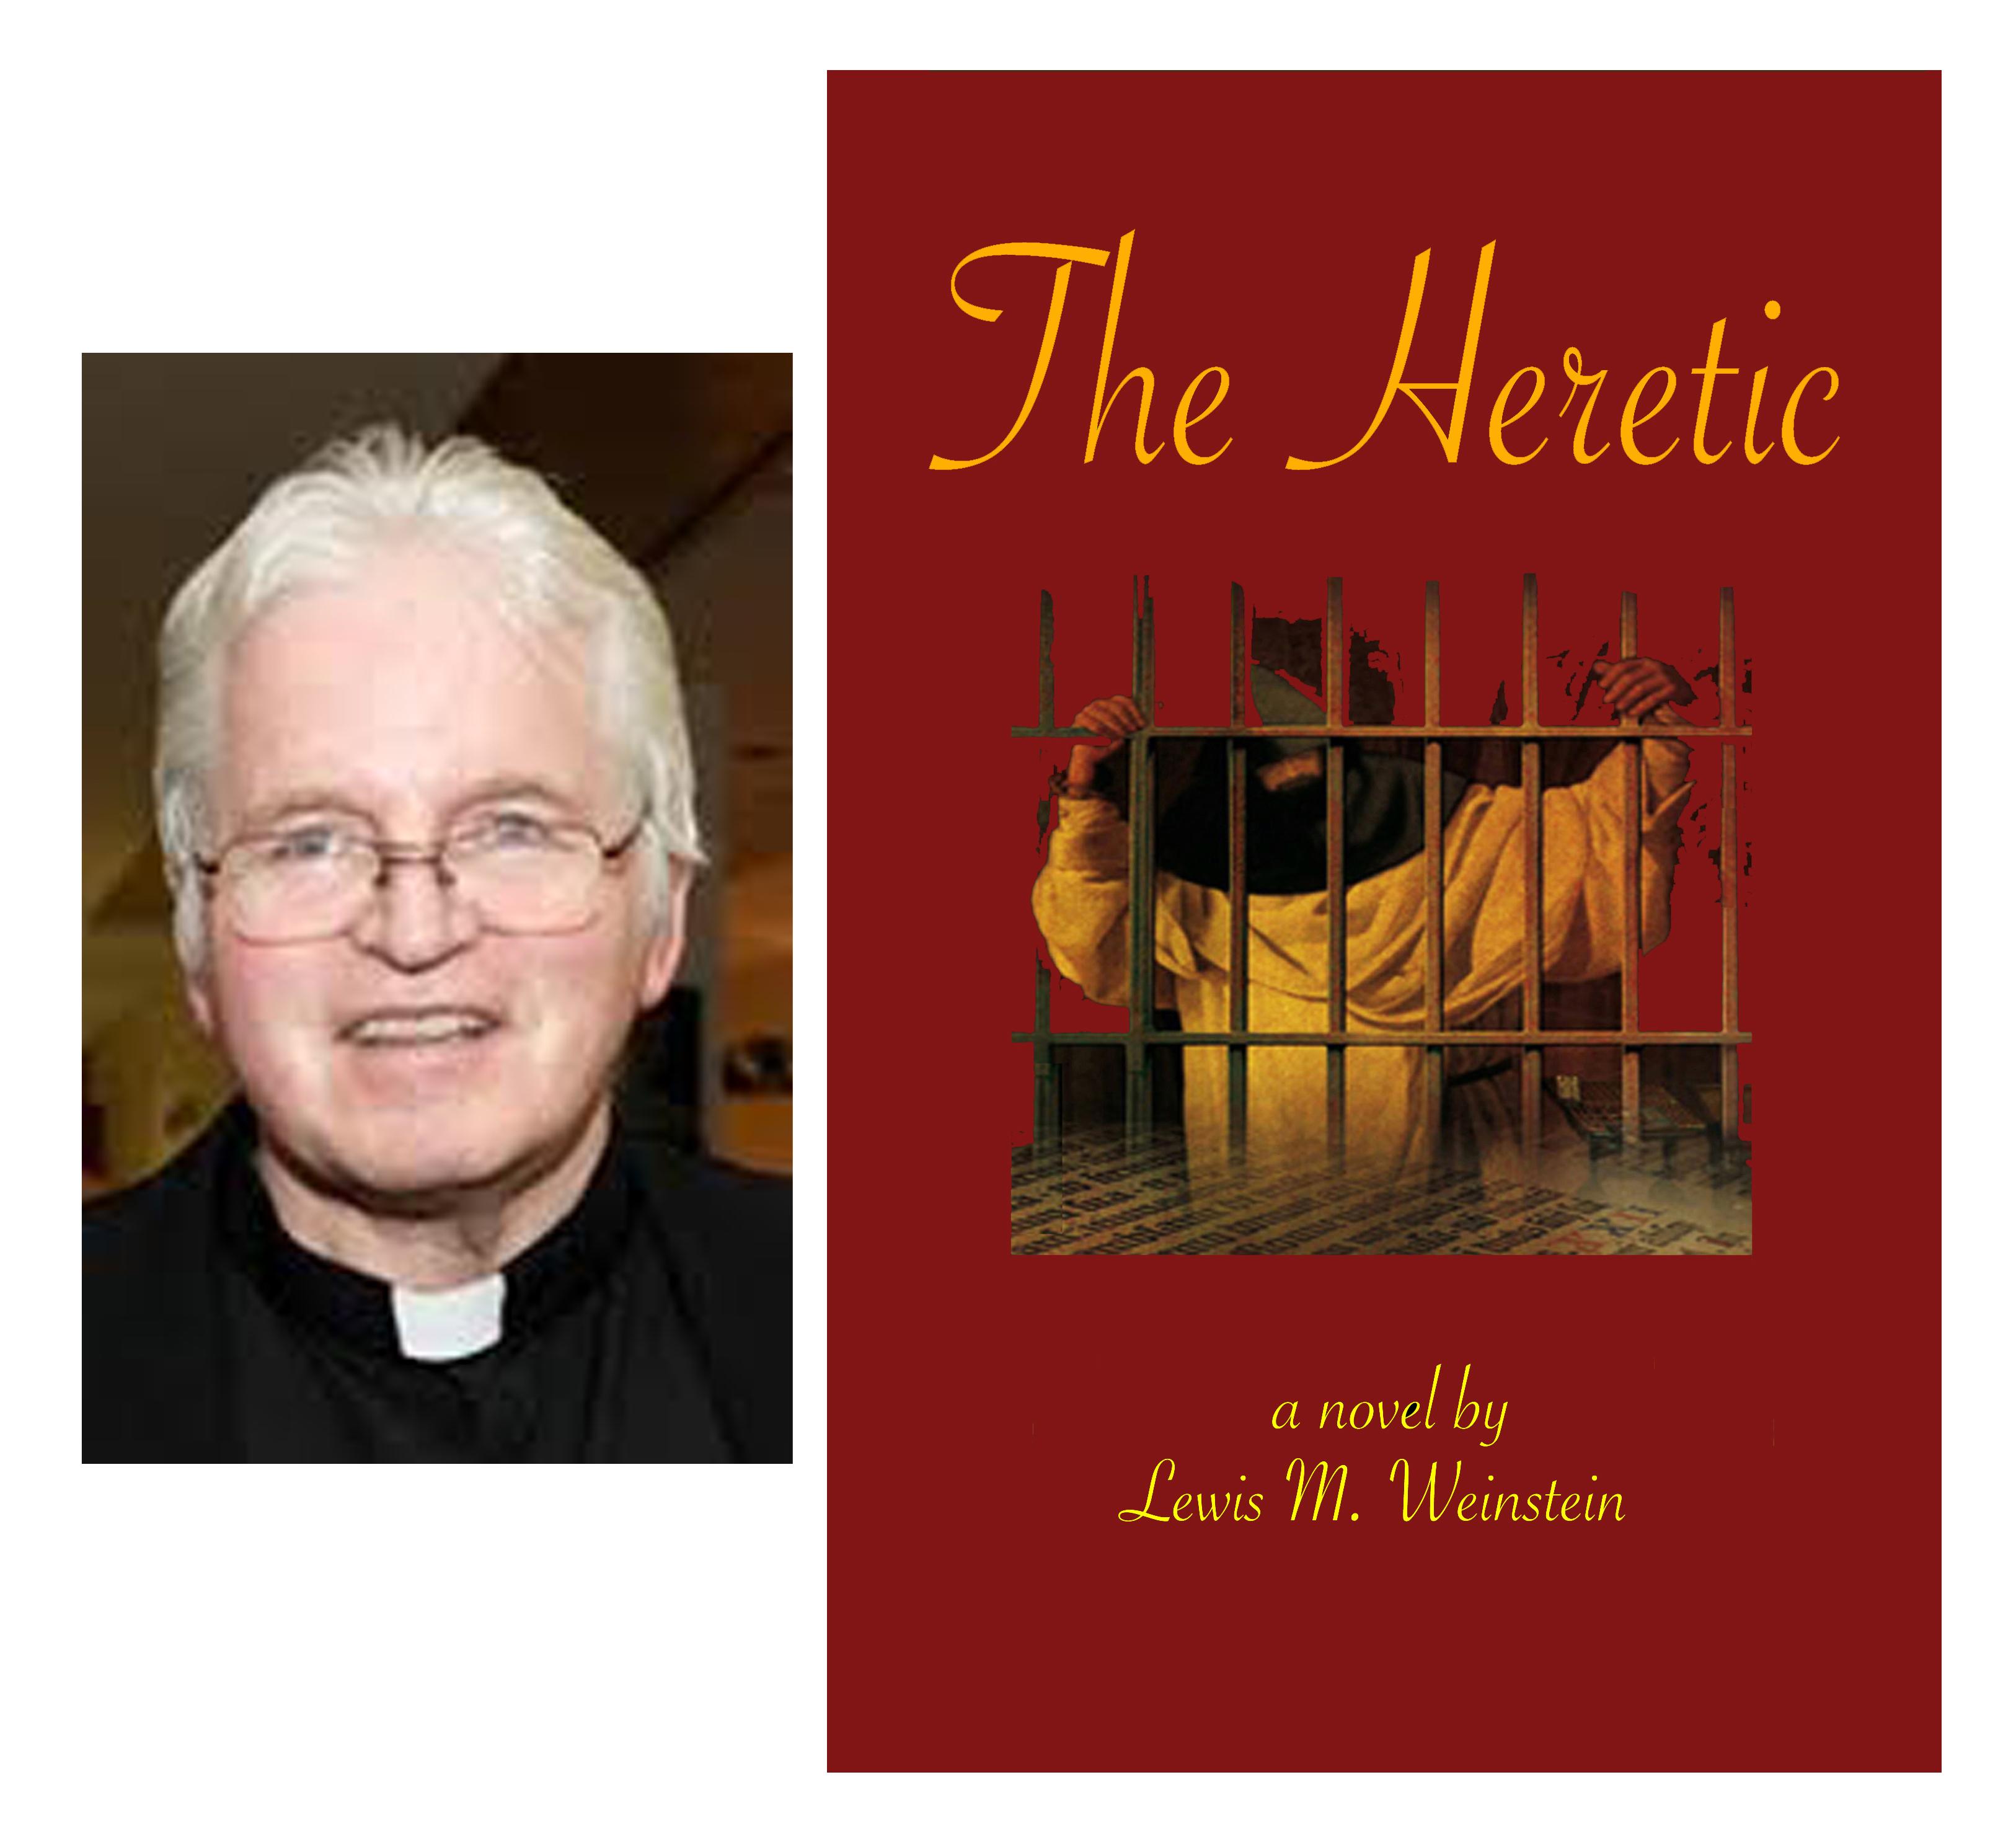 Heretic & Hartman